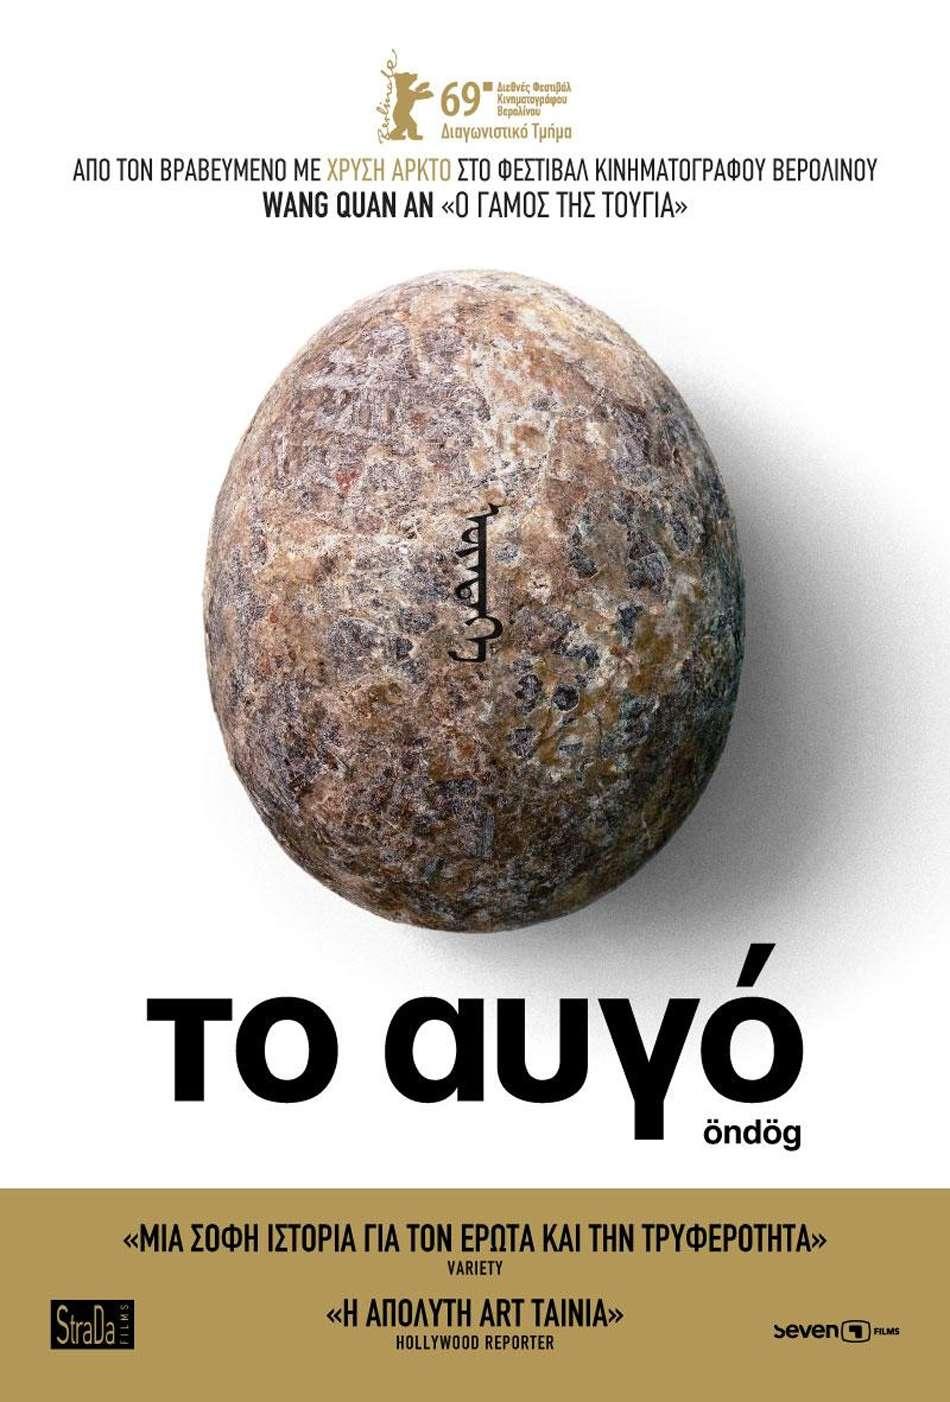 Το αυγό (Öndög) Poster Πόστερ